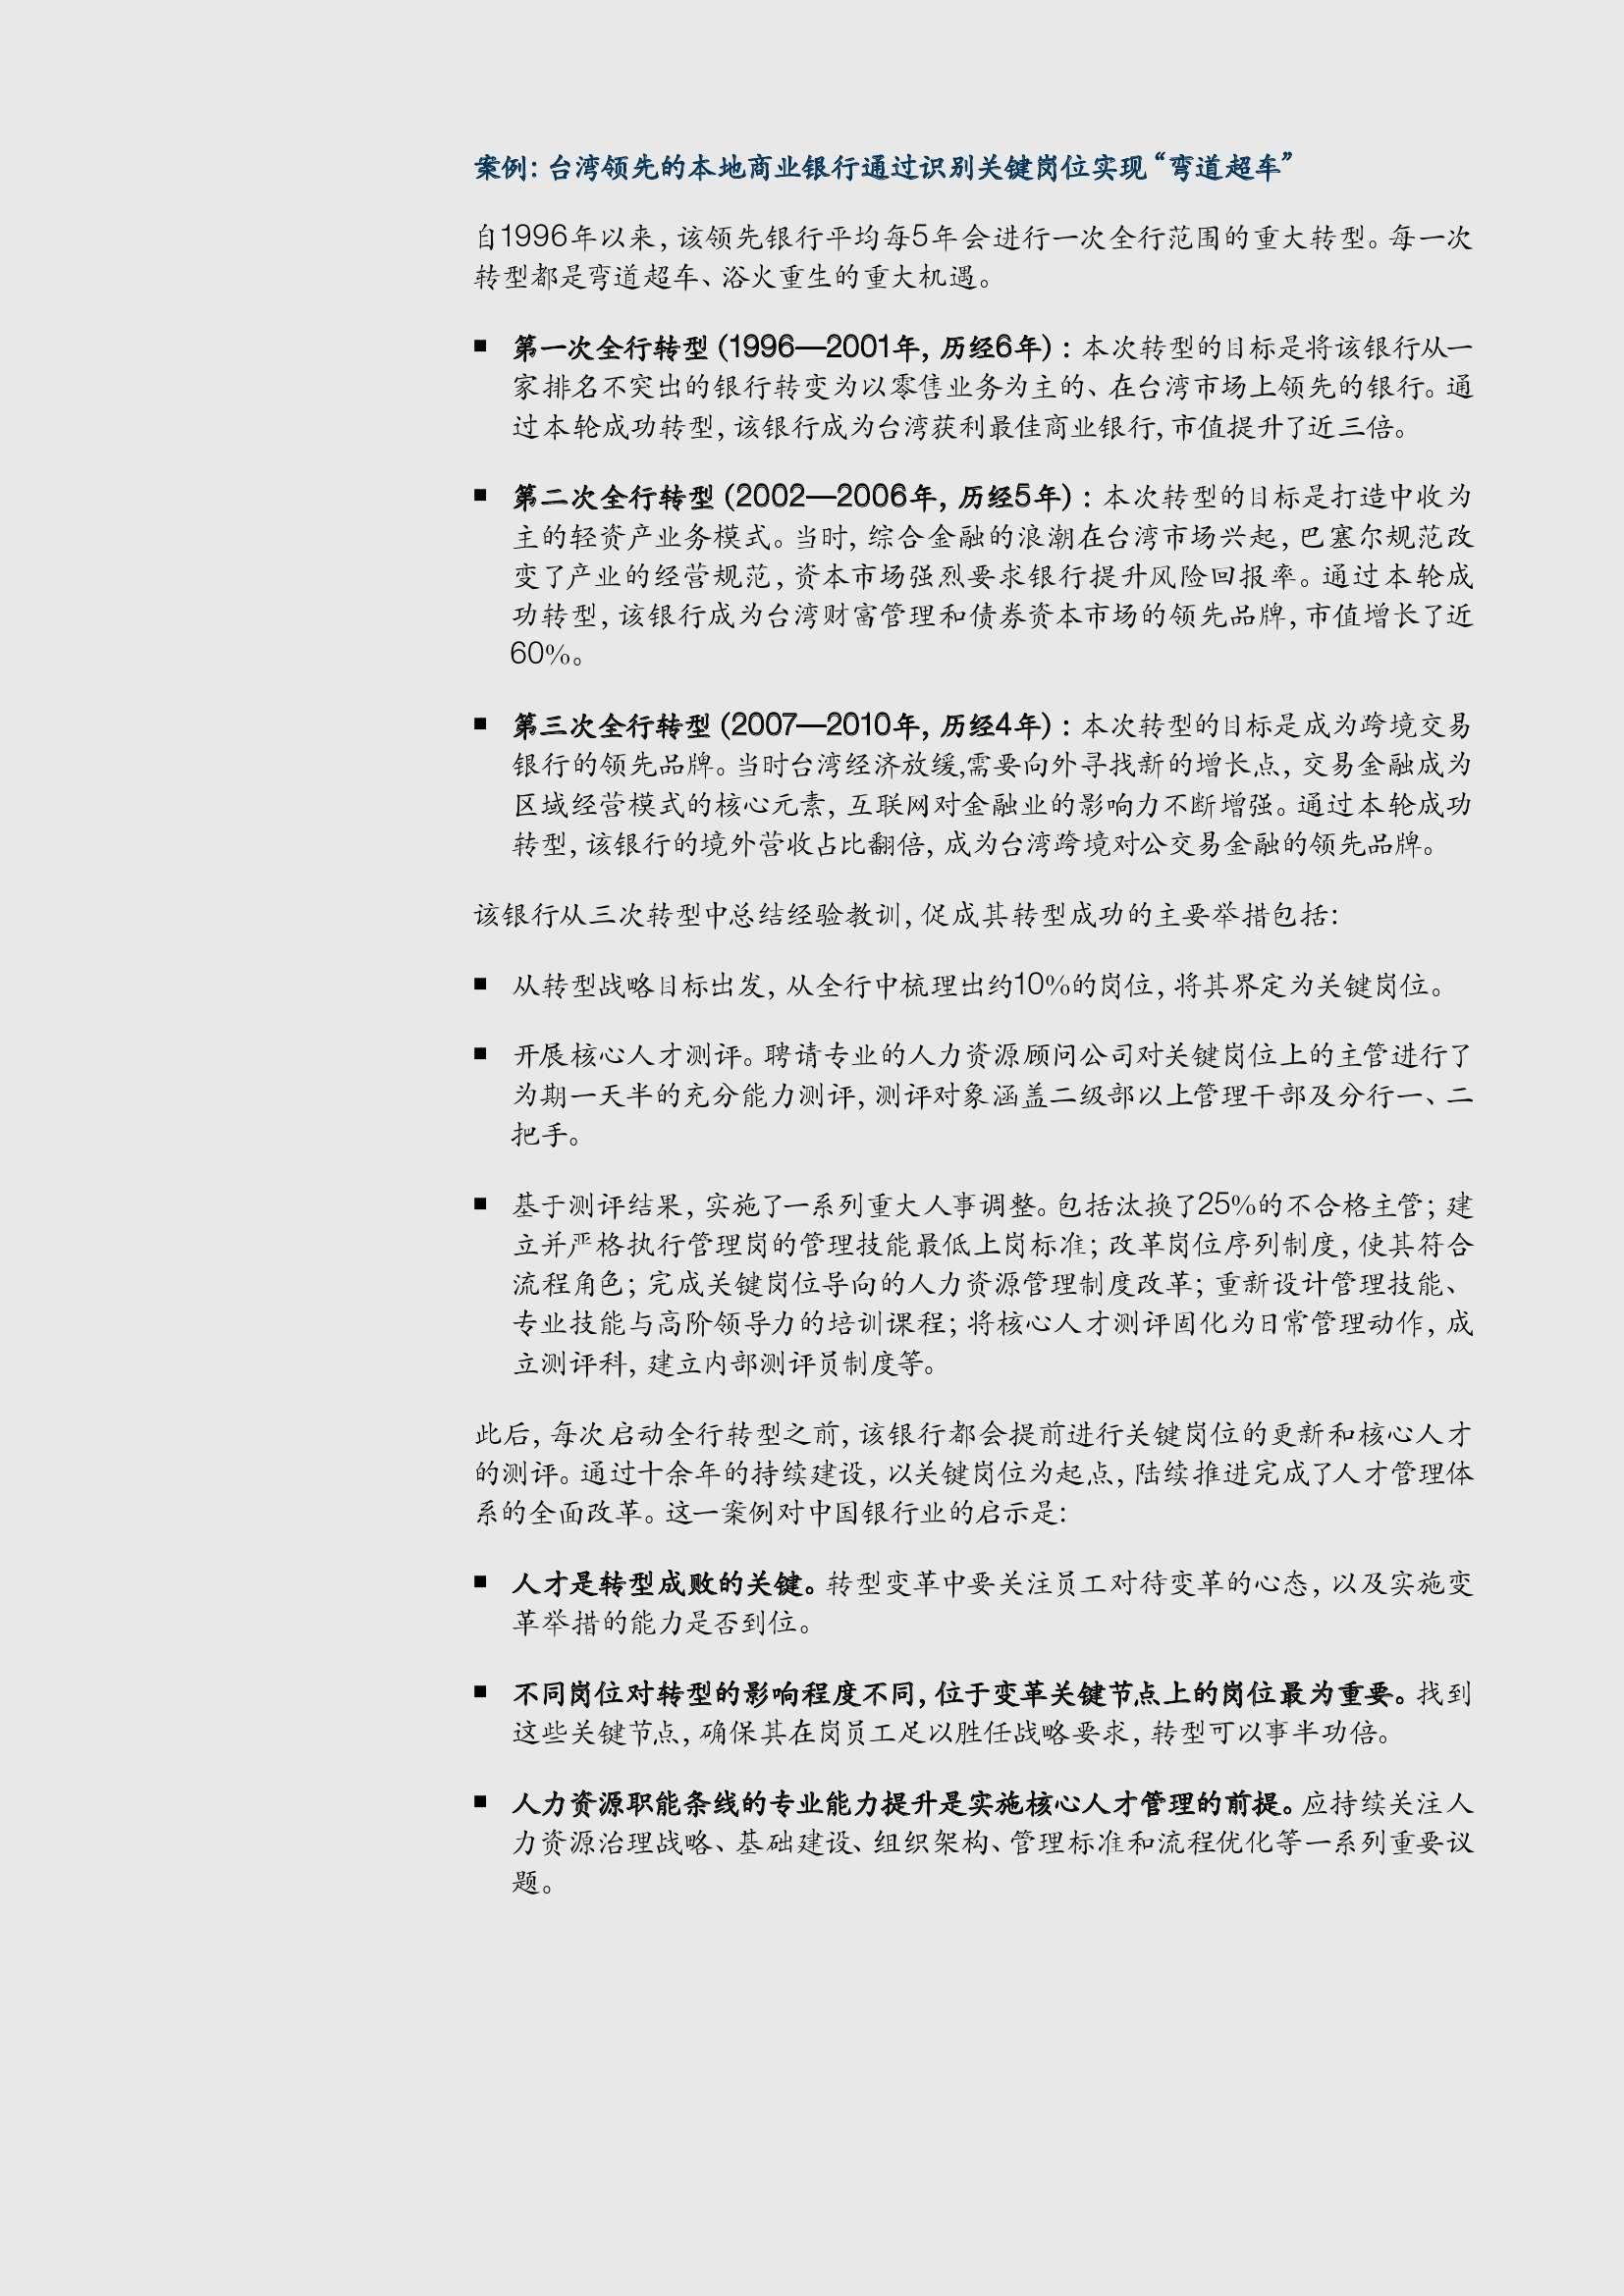 中国银行行业白皮书--核心人才战略4_000027